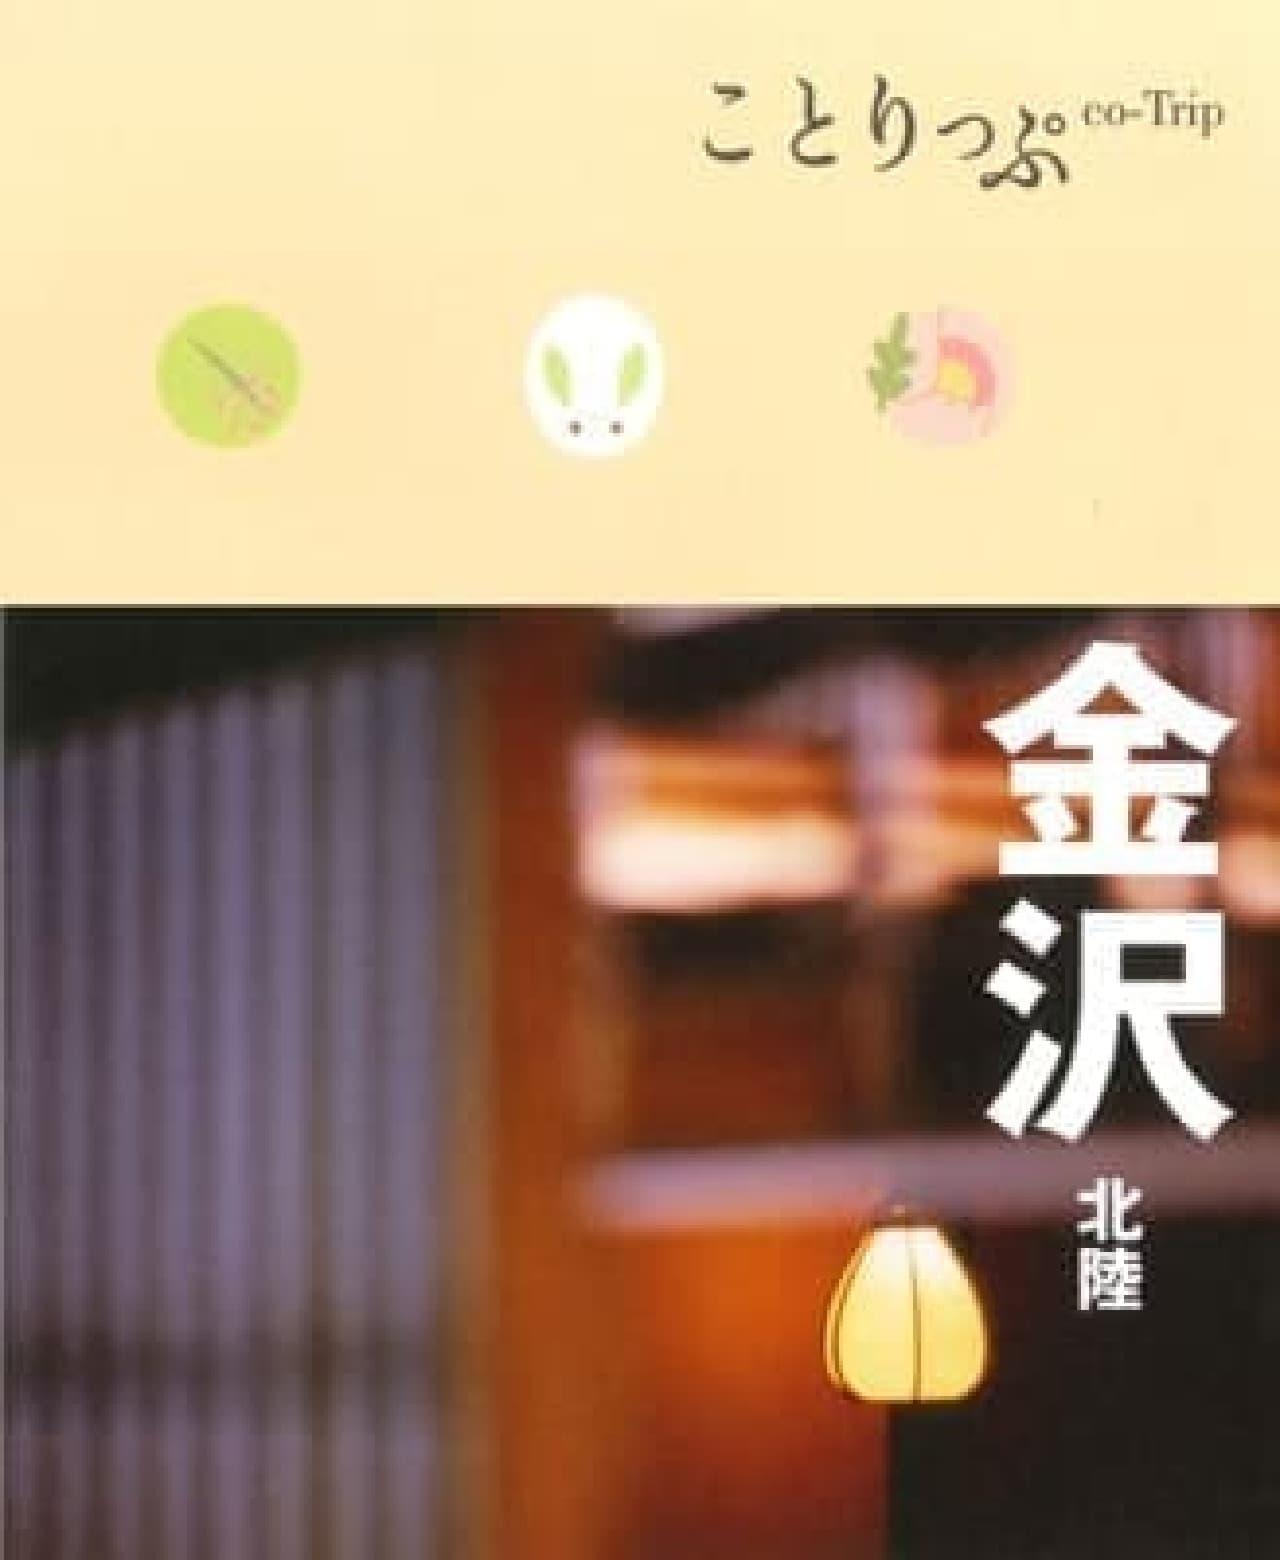 「ことりっぷ金沢」表紙。秋の金沢、いいですよね